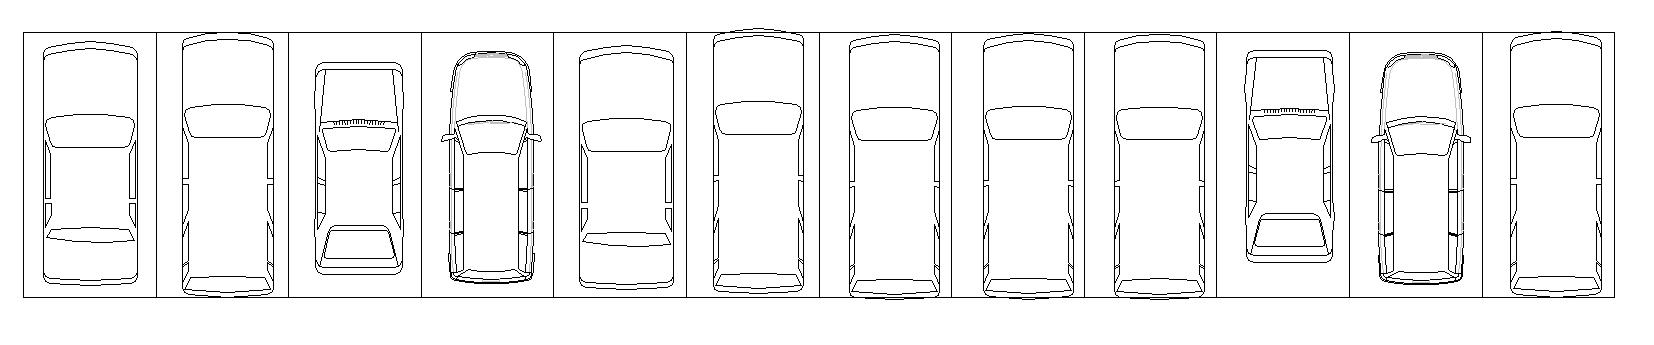 blocos de carros para autocad